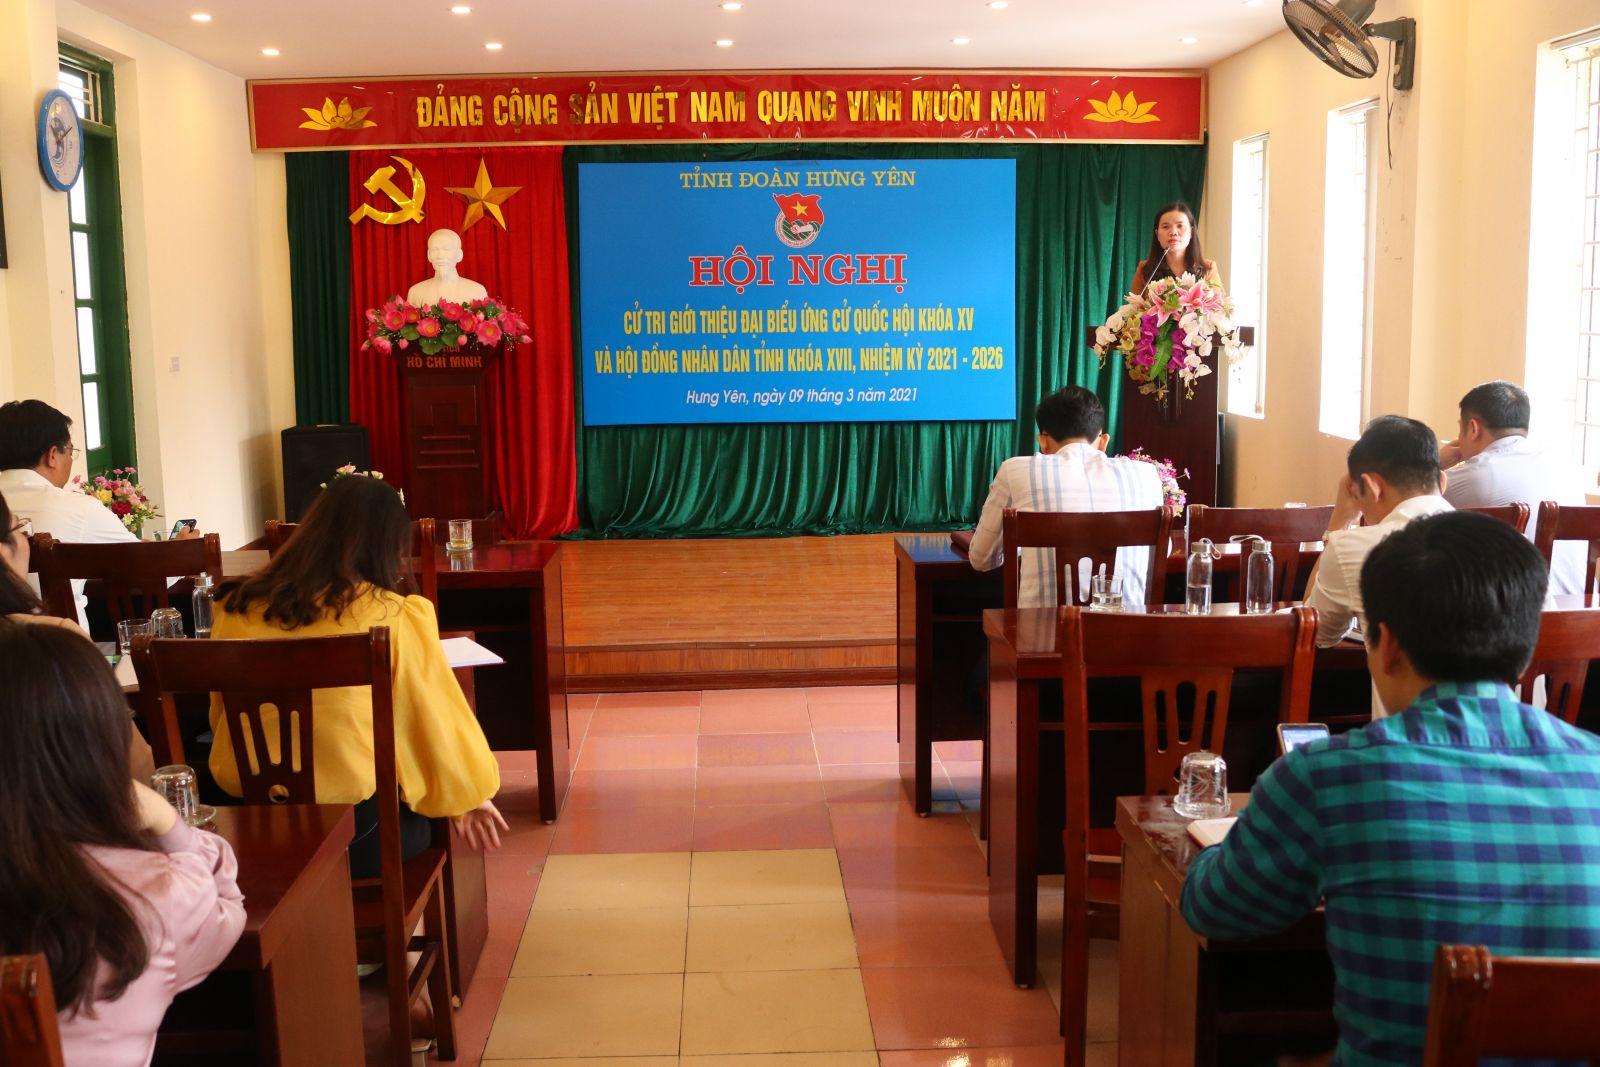 Tỉnh đoàn tổ chức hội nghị cử tri giới thiệu đại biểu Quốc hội khóa XV và  Hội đồng nhân dân tỉnh khóa XVII, nhiệm kỳ 2021 - 2026